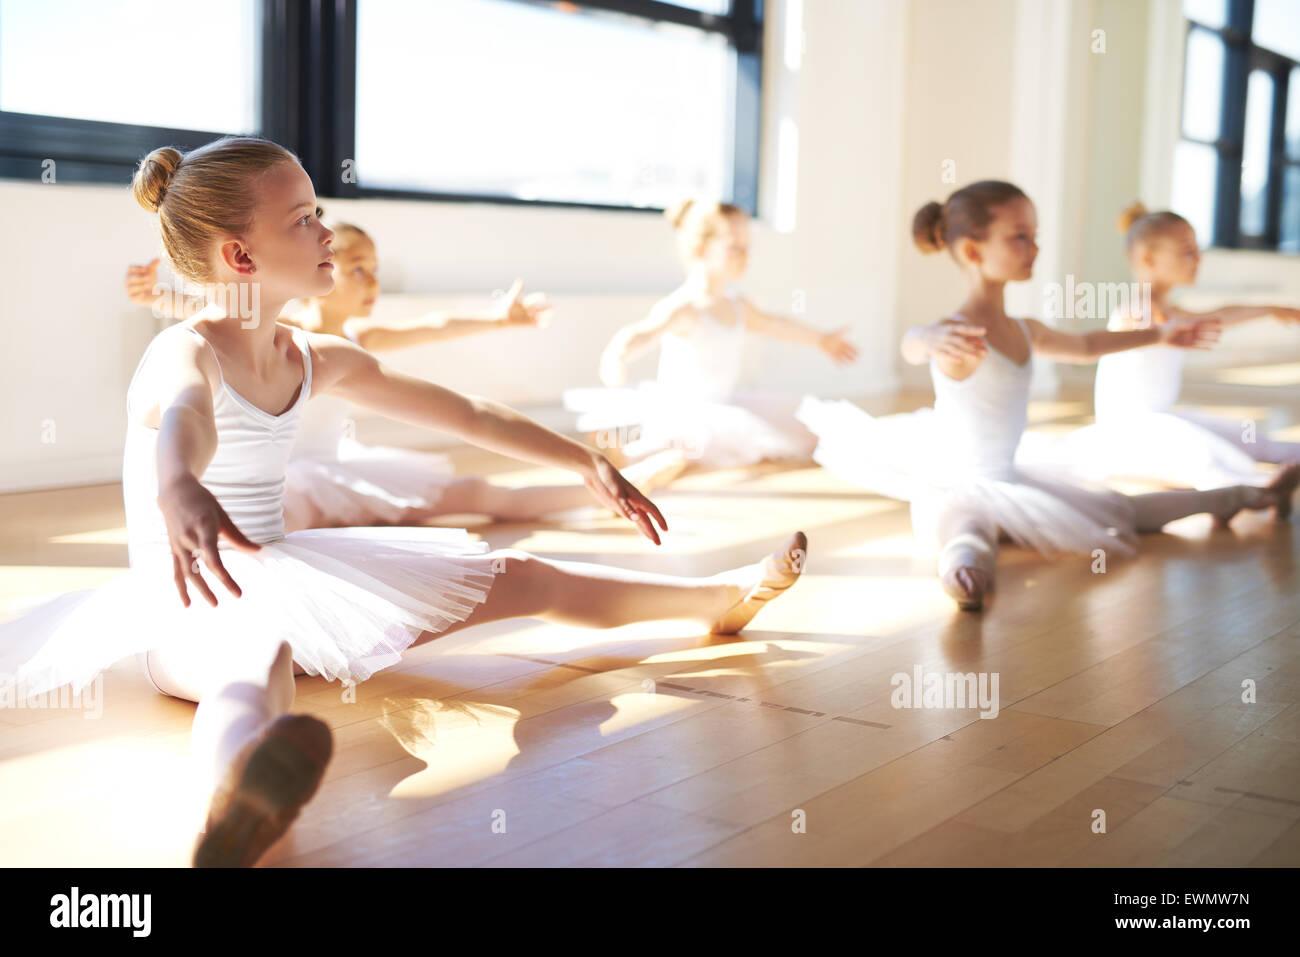 Hübsche junge Mädchen, tragen weiße Tutus, sitzen auf dem Boden im Studio, während Sie an einer Stockbild